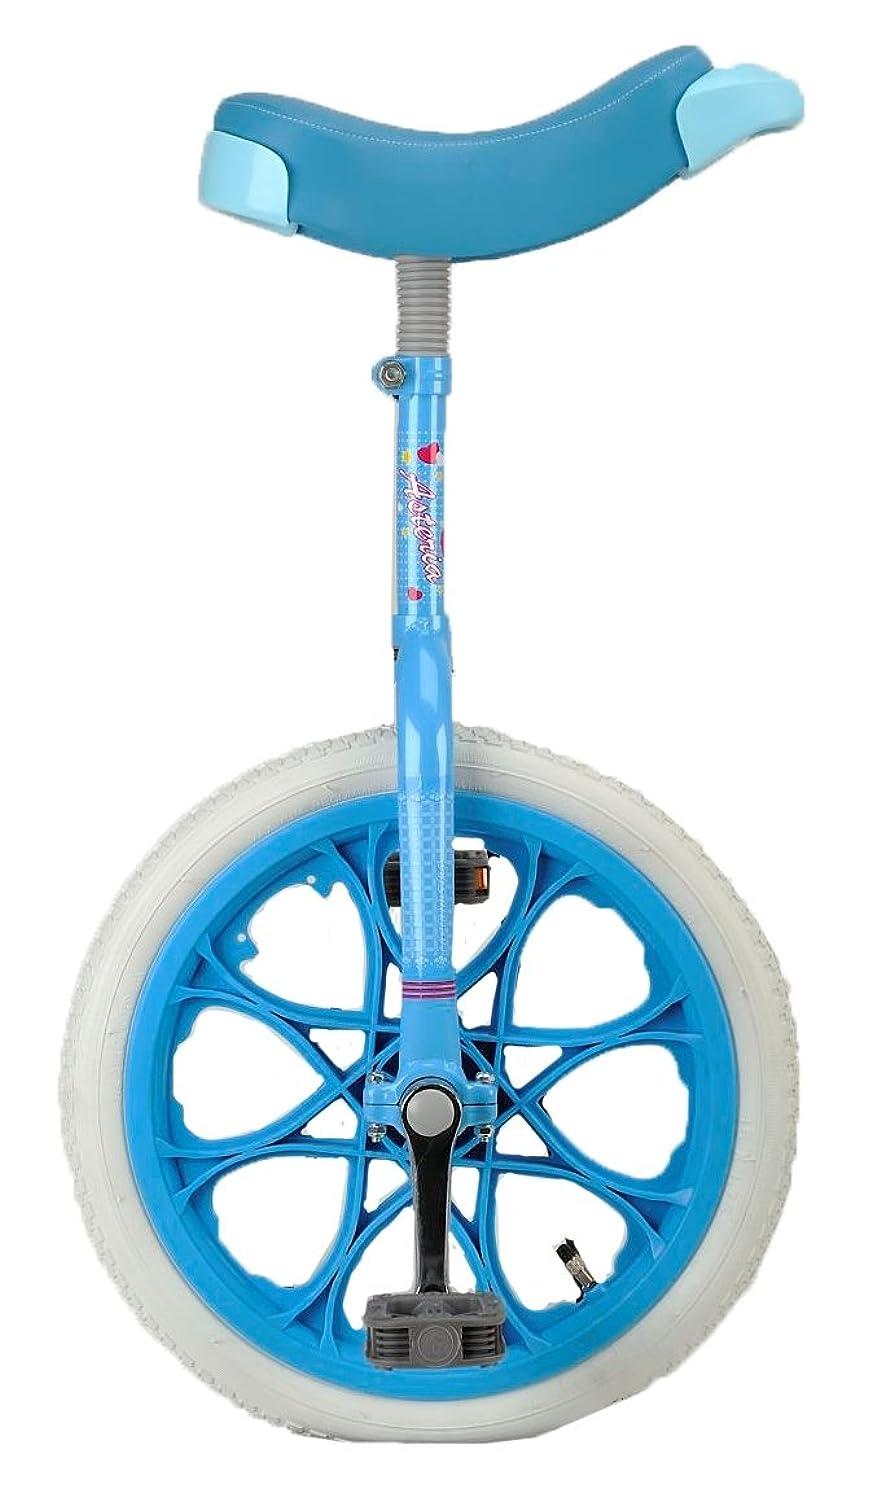 熟したピケ忘れるサギサカ(SAGISAKA) 一輪車 18型 ピンク 4906 ピンク